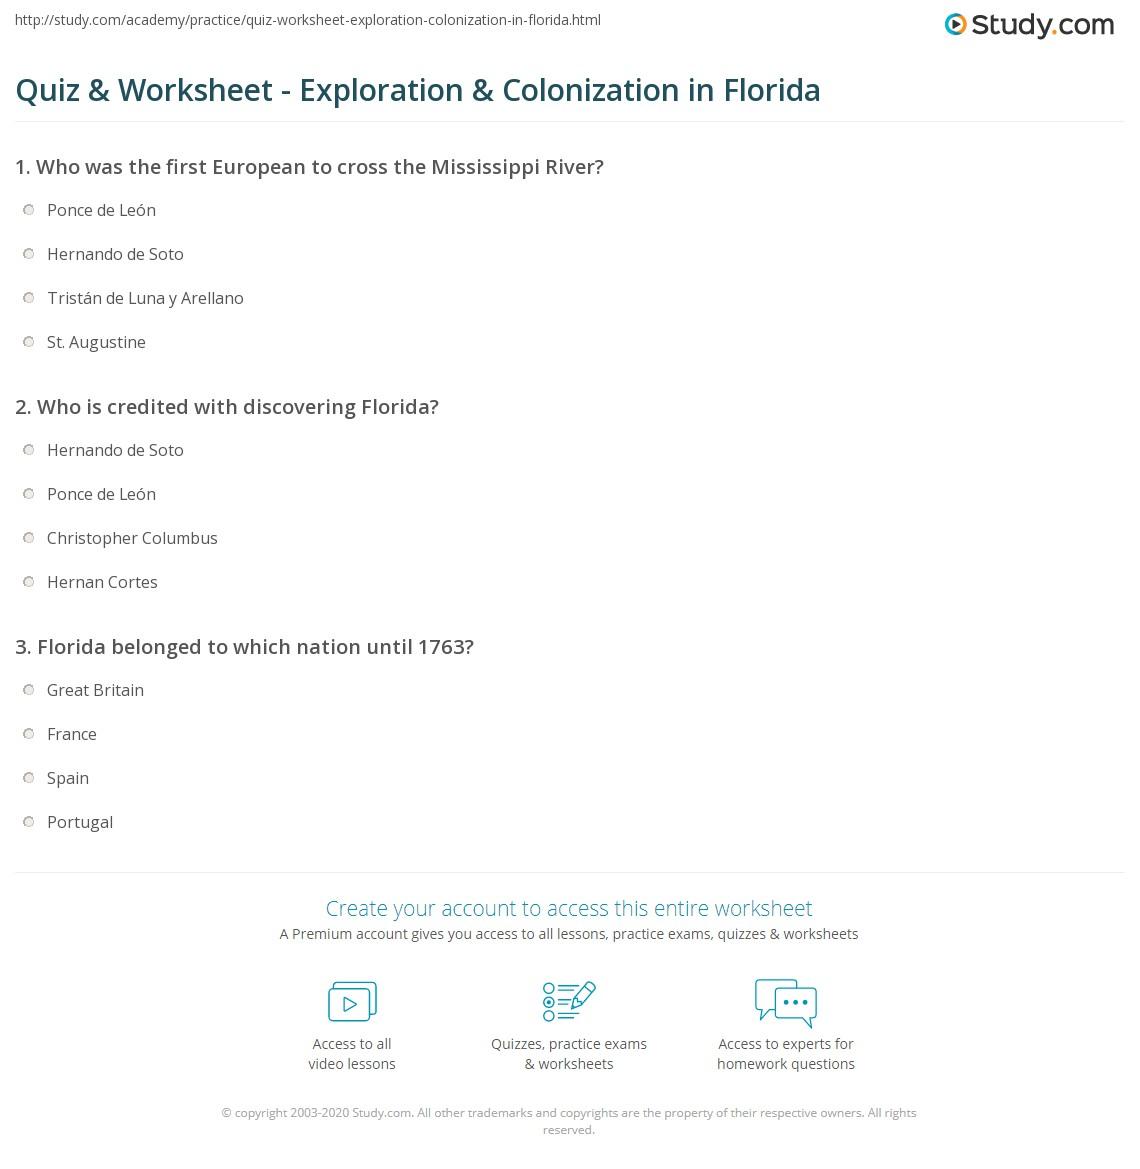 quiz worksheet exploration colonization in florida. Black Bedroom Furniture Sets. Home Design Ideas